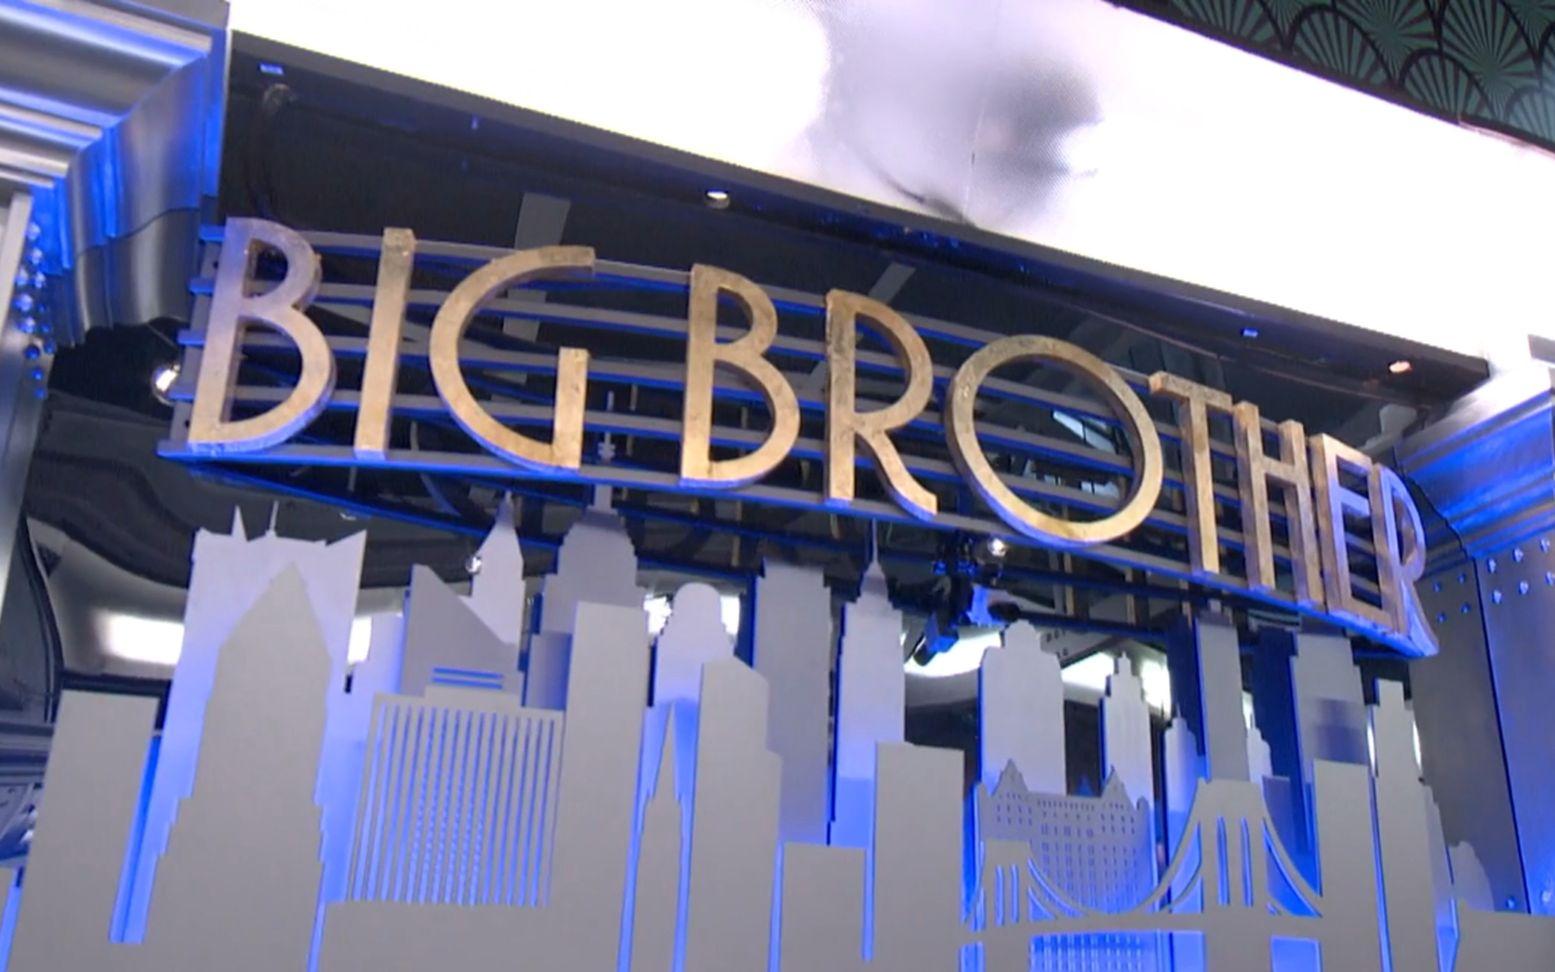 【中字/完结】美版名人老大哥第二季 Celebrity Big Brother S2 可乐字幕组